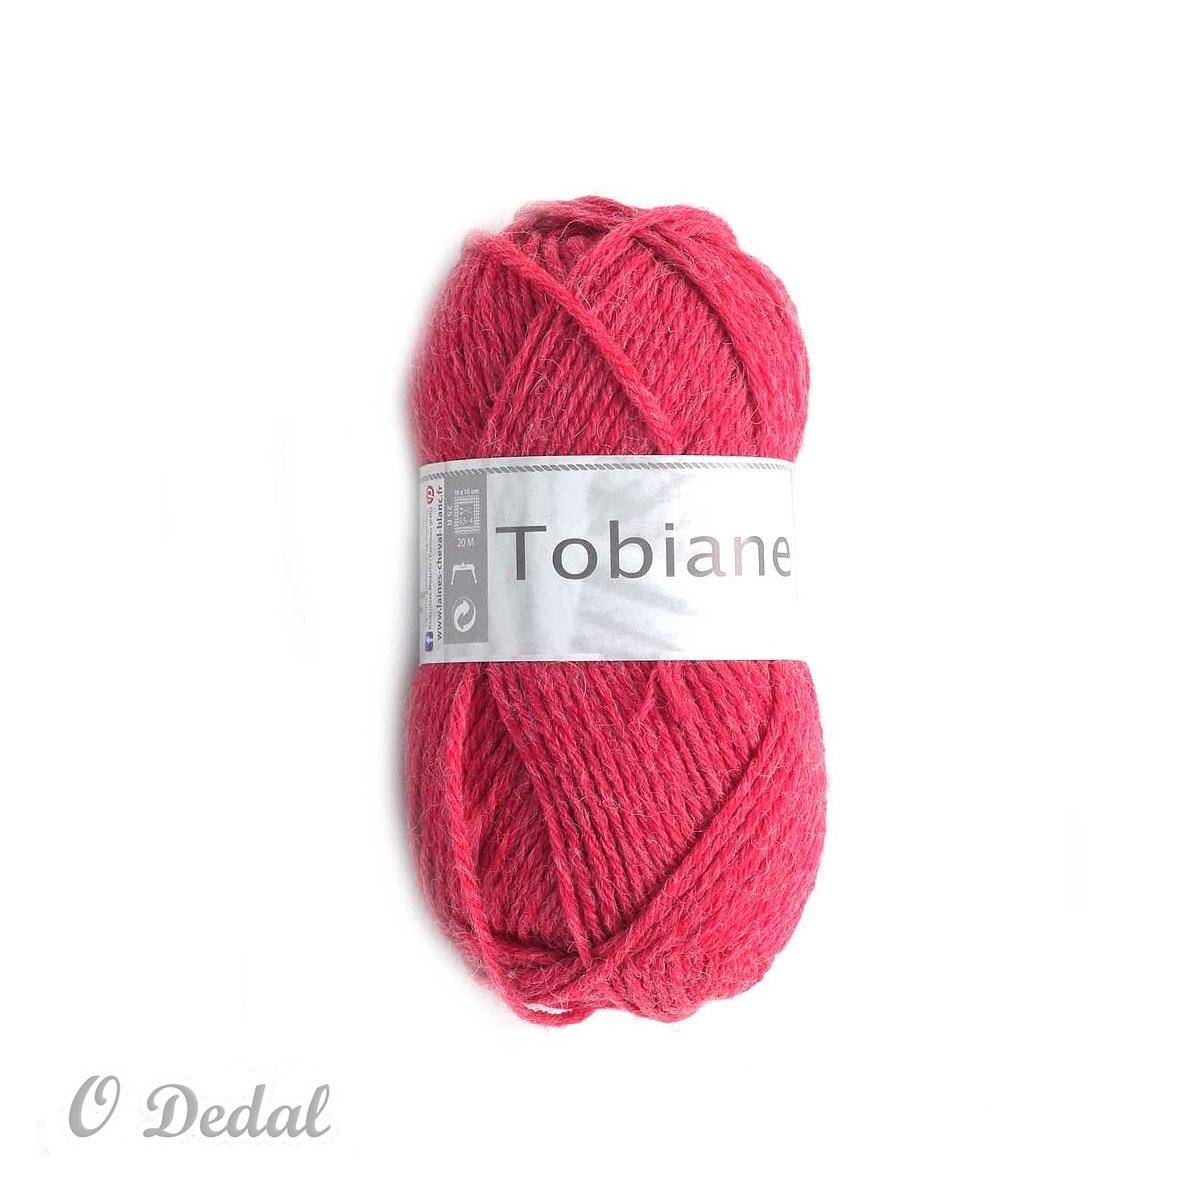 Lã Tobiane - 087